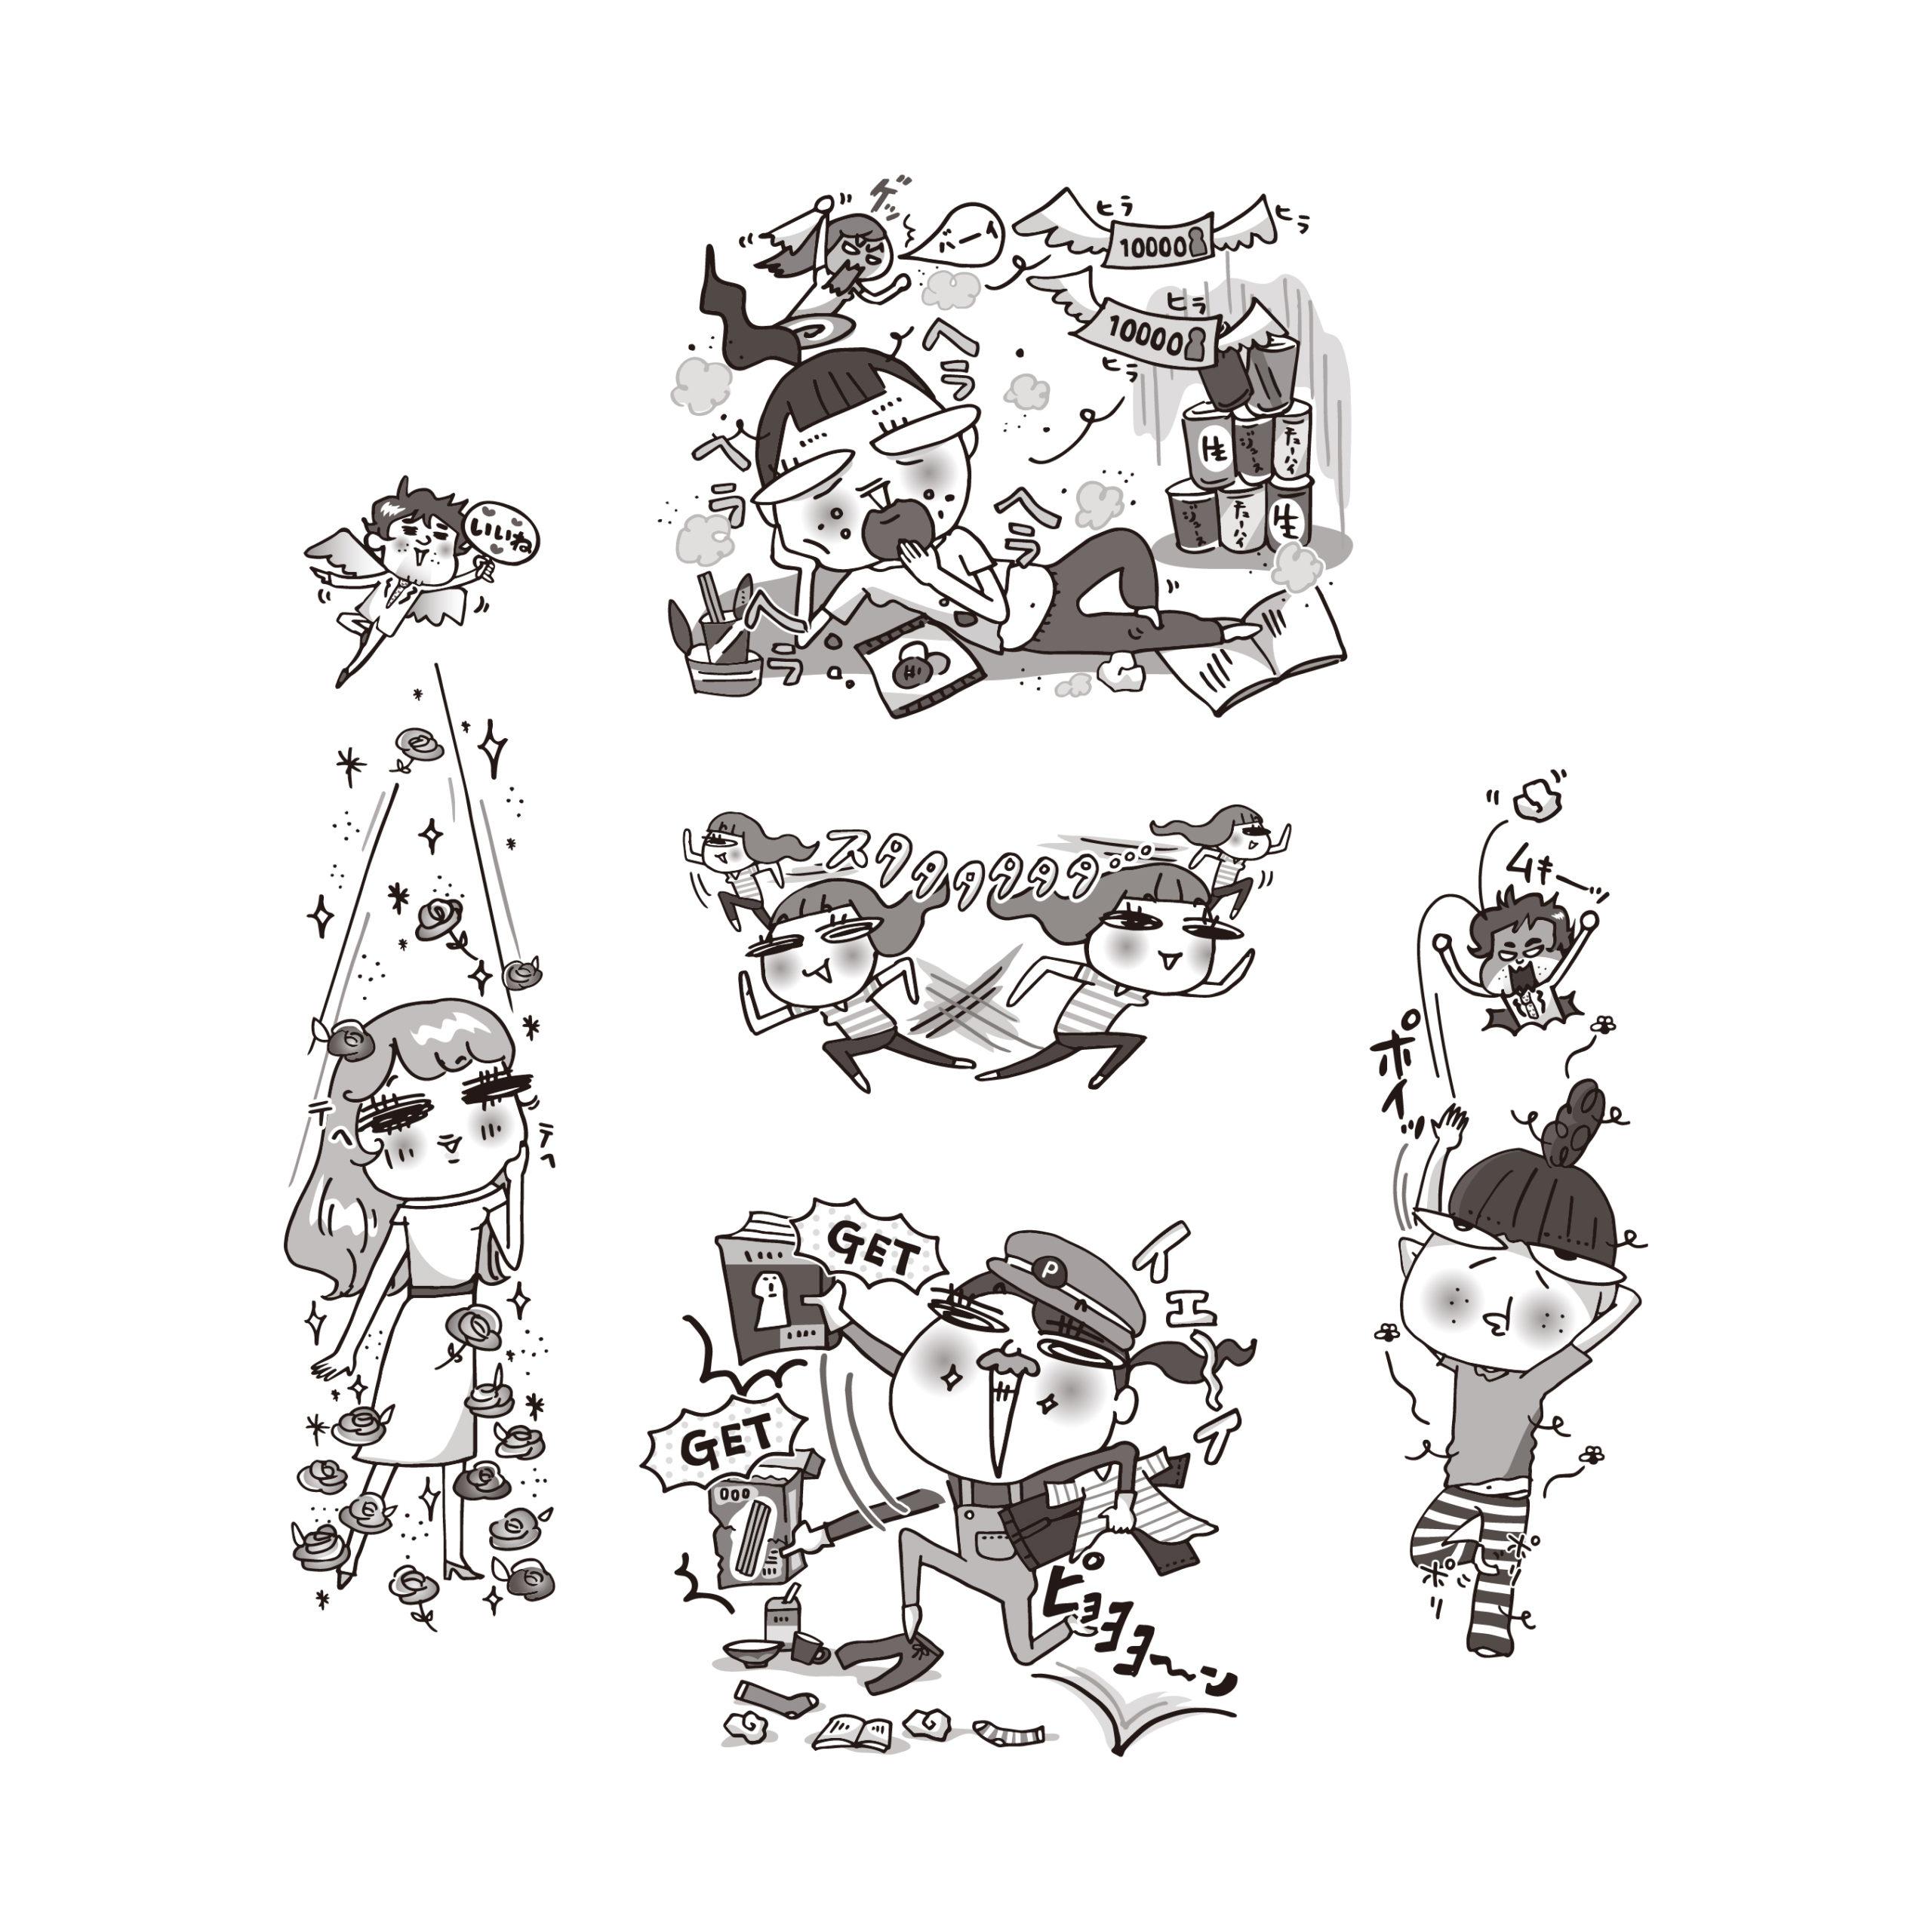 おもしろ系イラスト(illust10)